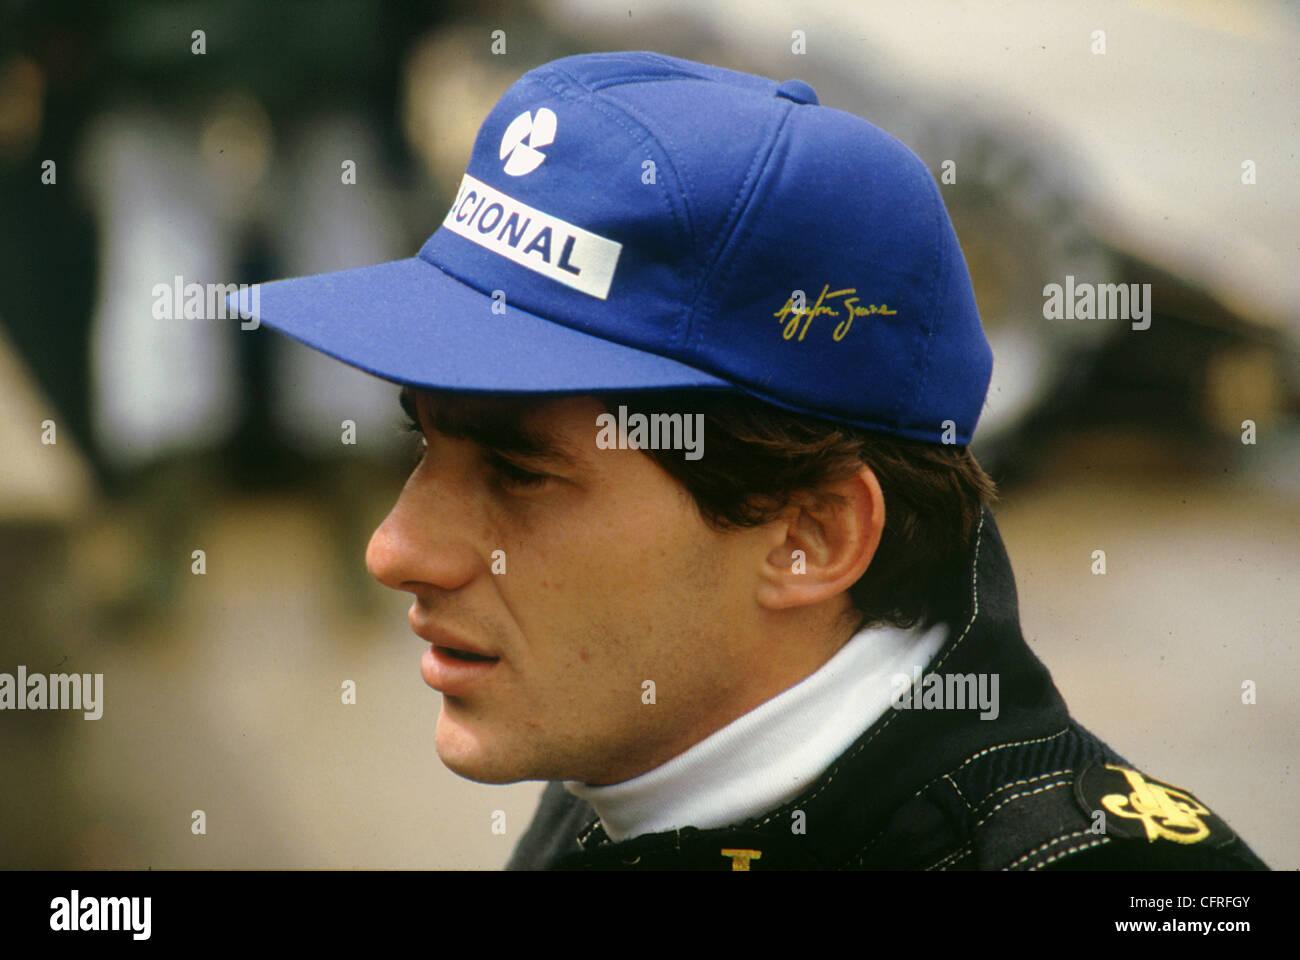 Ayrton Senna Lotus Grand Prix de Grande-Bretagne 1985 Photo Stock